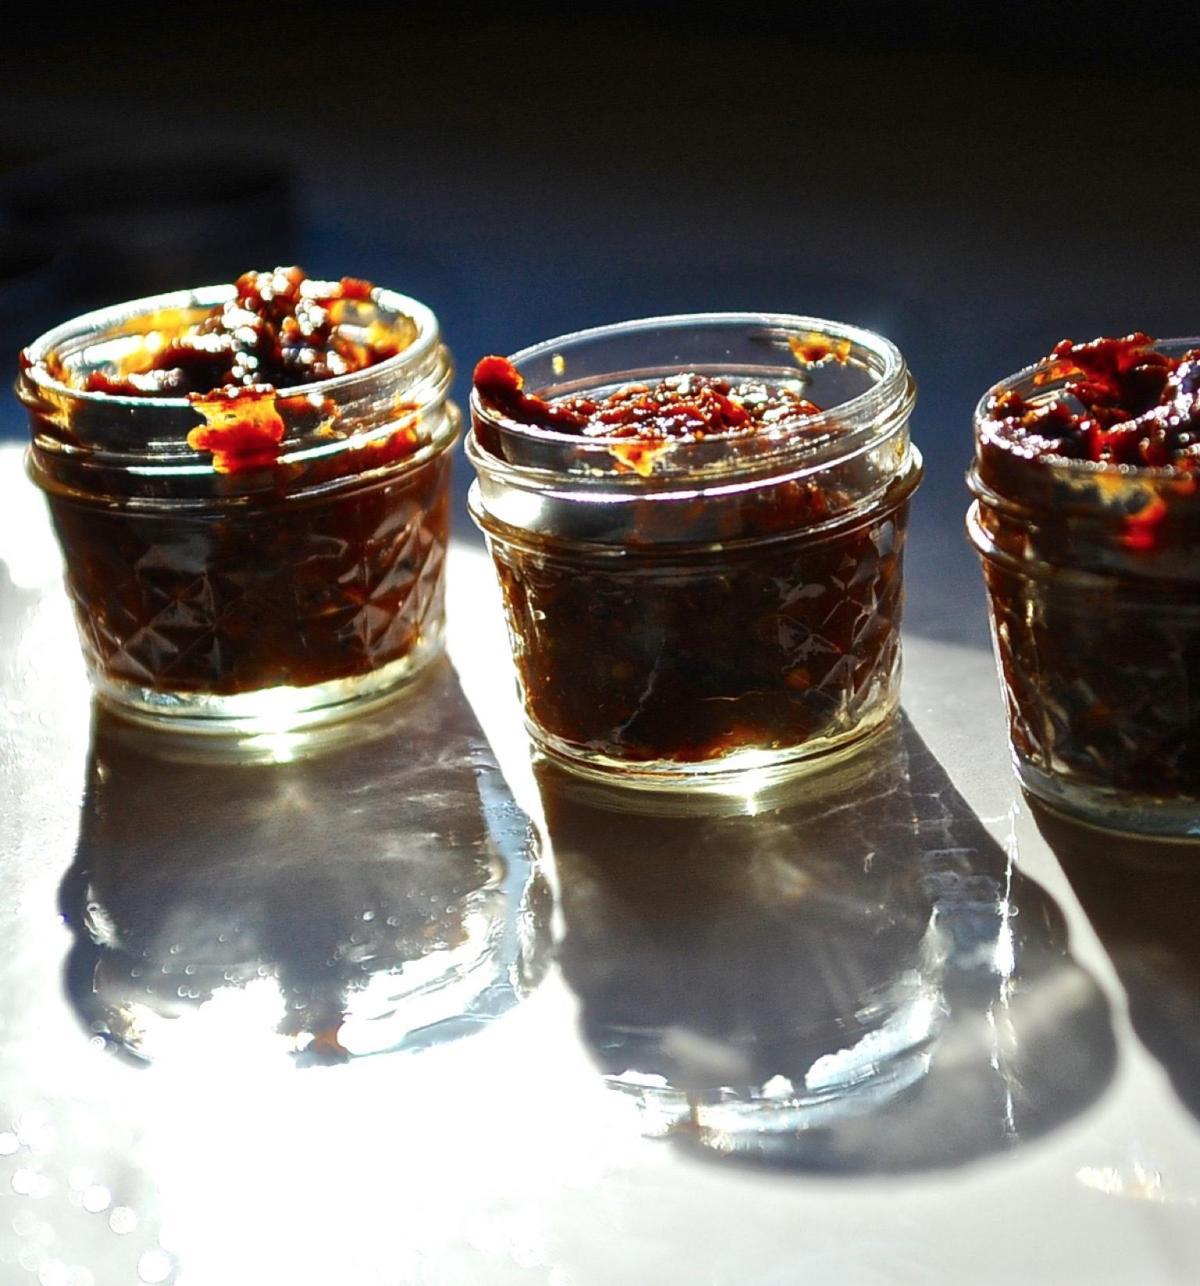 Red Zhug (Yemenite Hot Sauce)